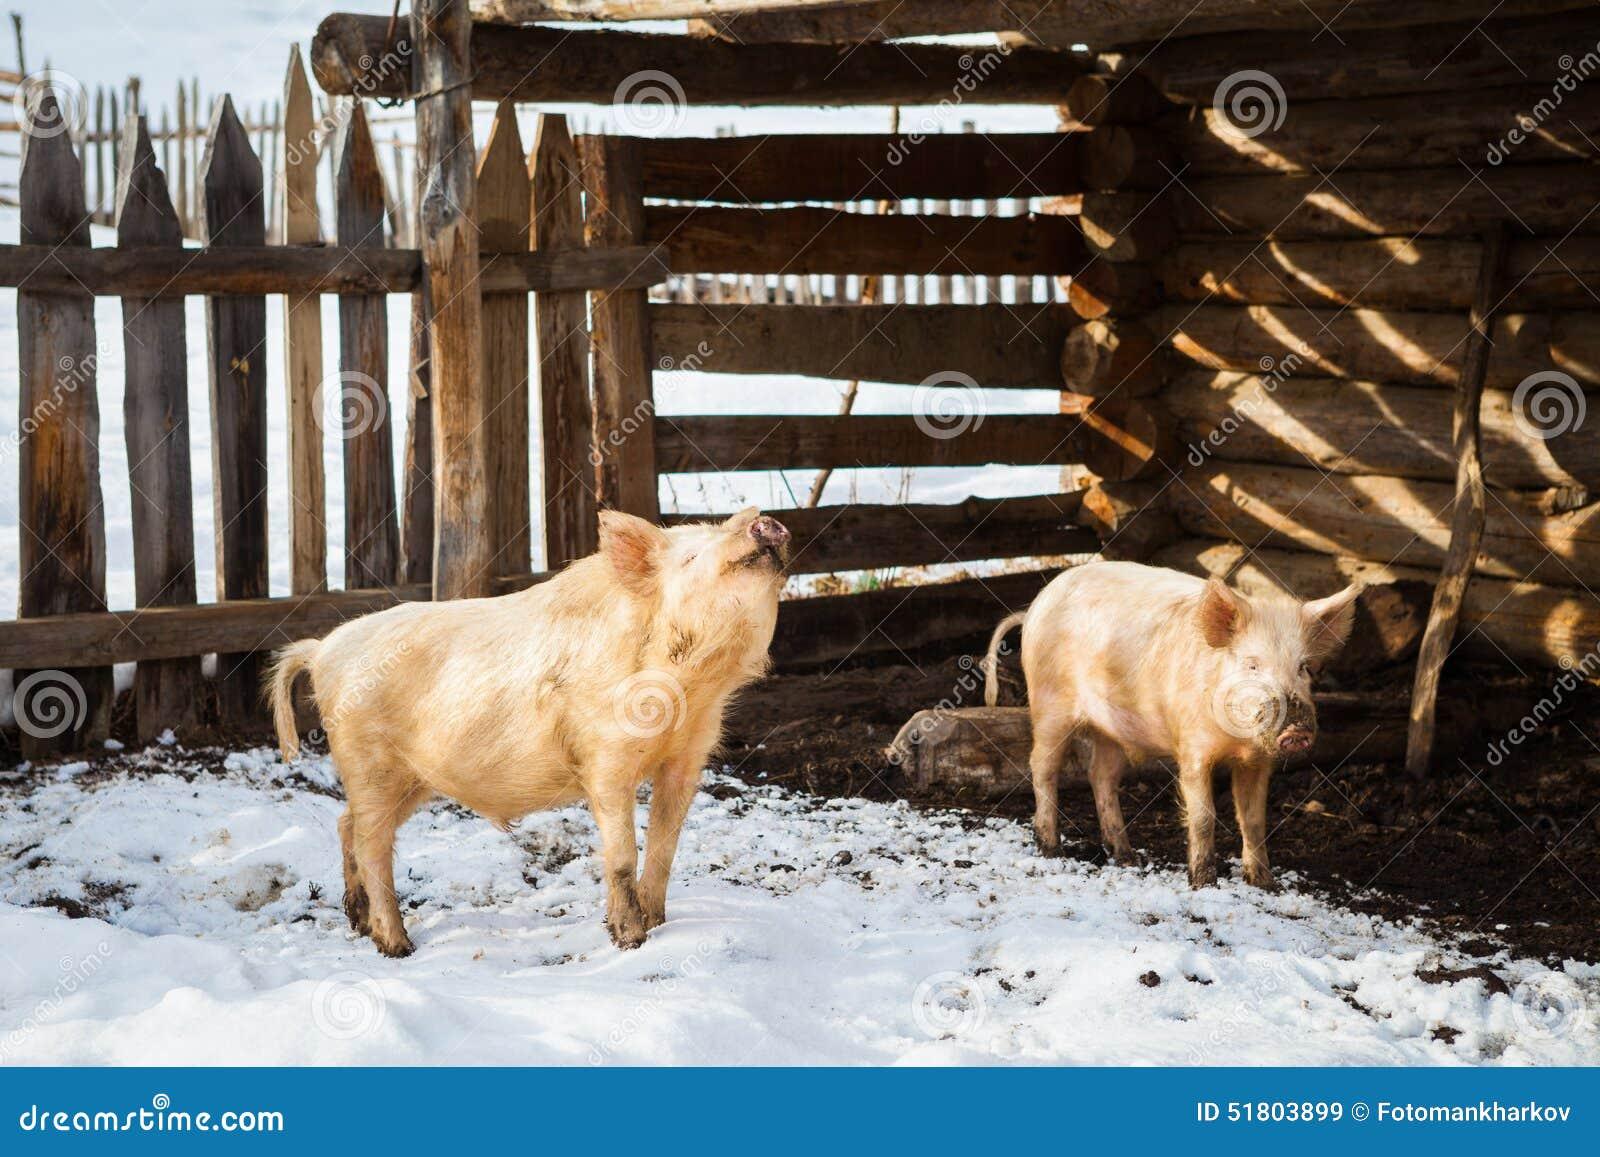 lustige schweine in einem bauernhof stockbild  bild von